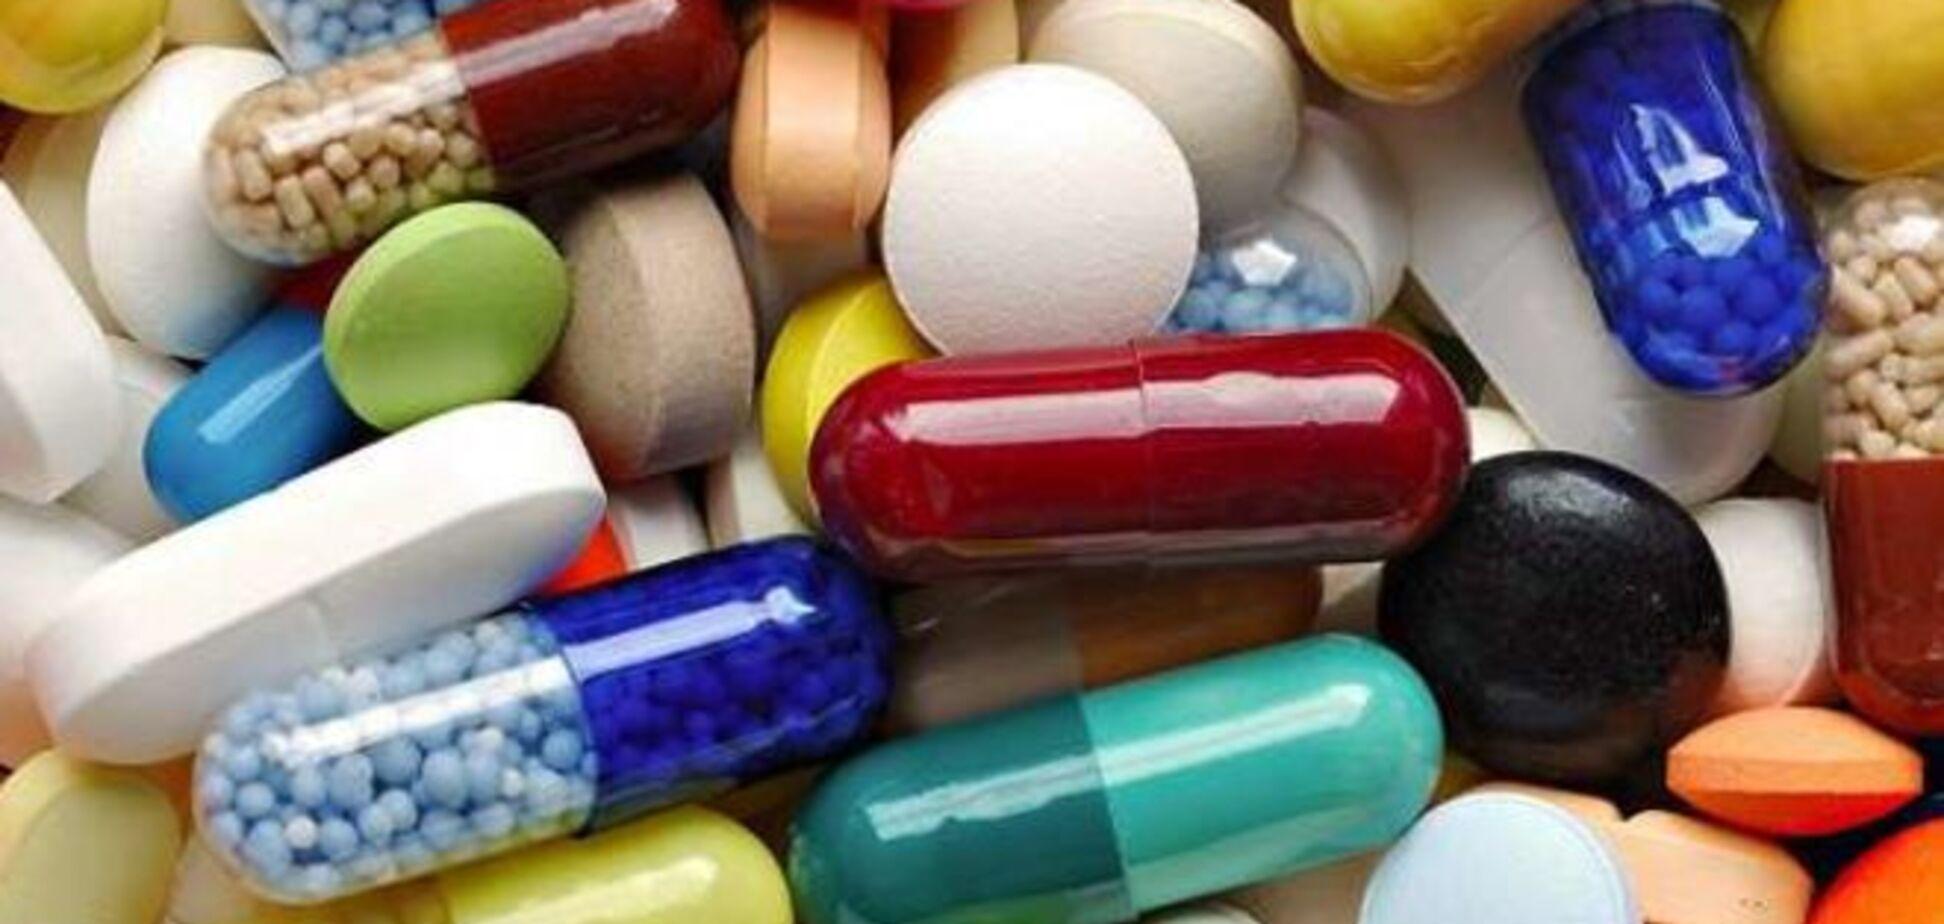 Цены на лекарства в Украине: как поменялись за год и на сколько ещё вырастут